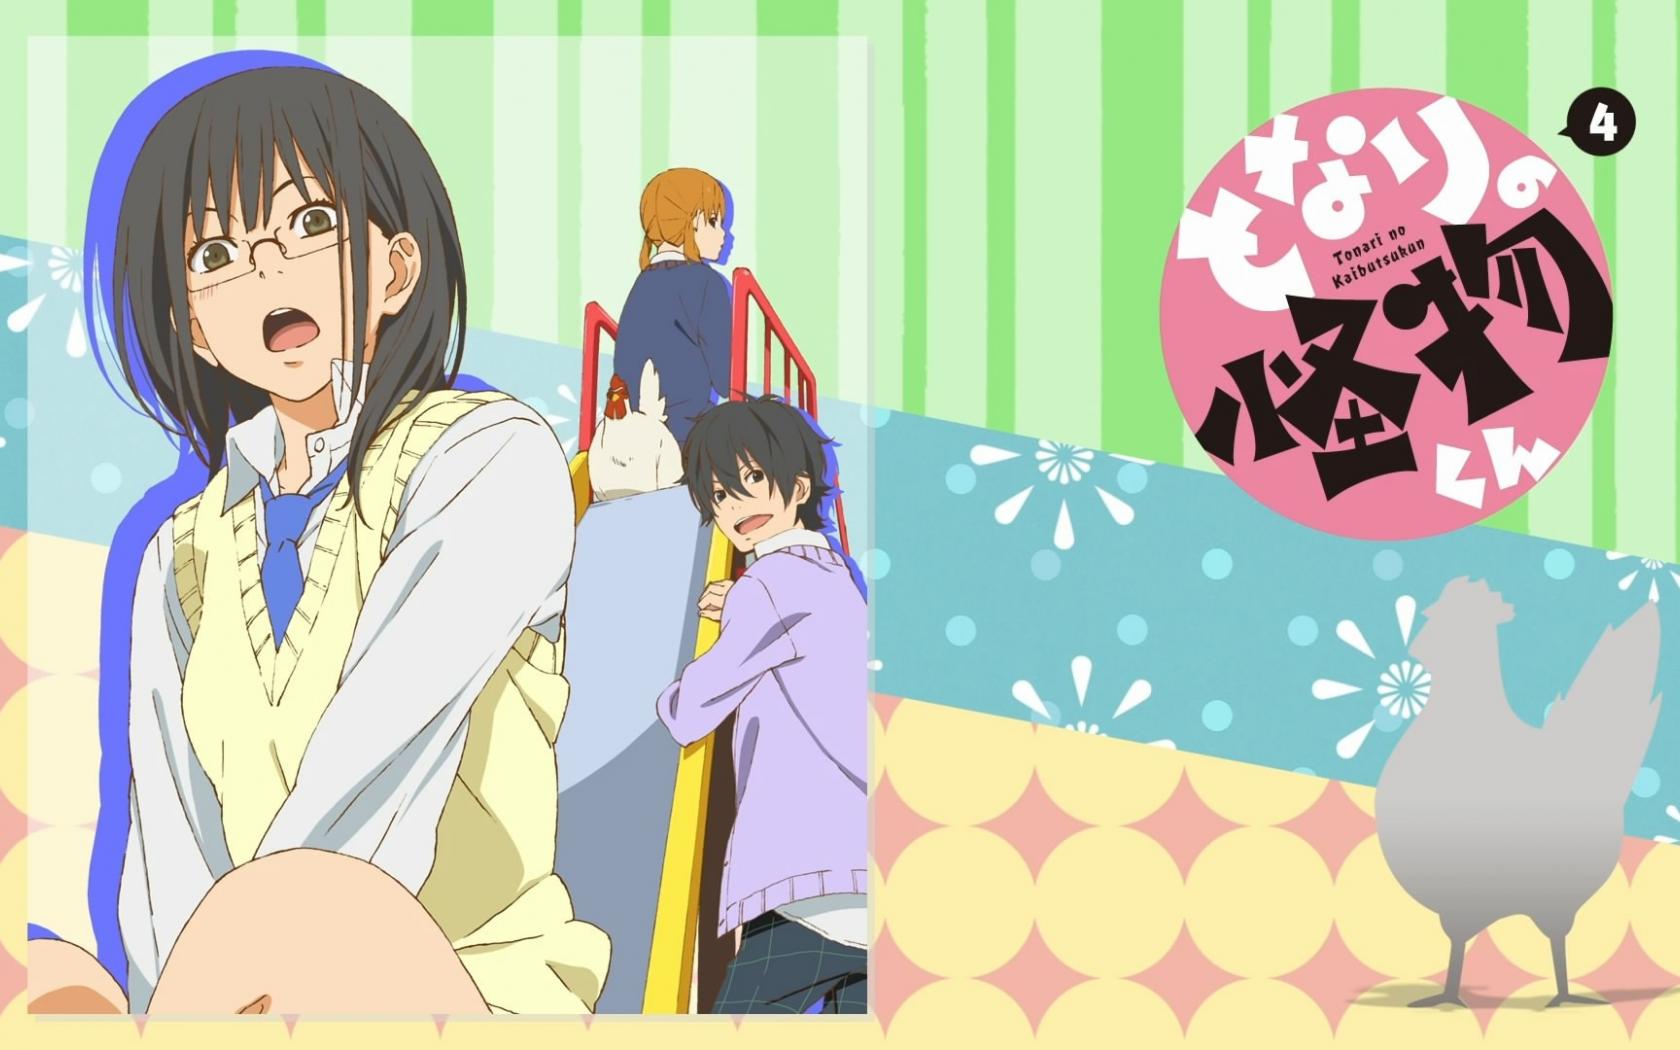 Free Download Tonari No Kaibutsu Kun 1920x1080 For Your Desktop